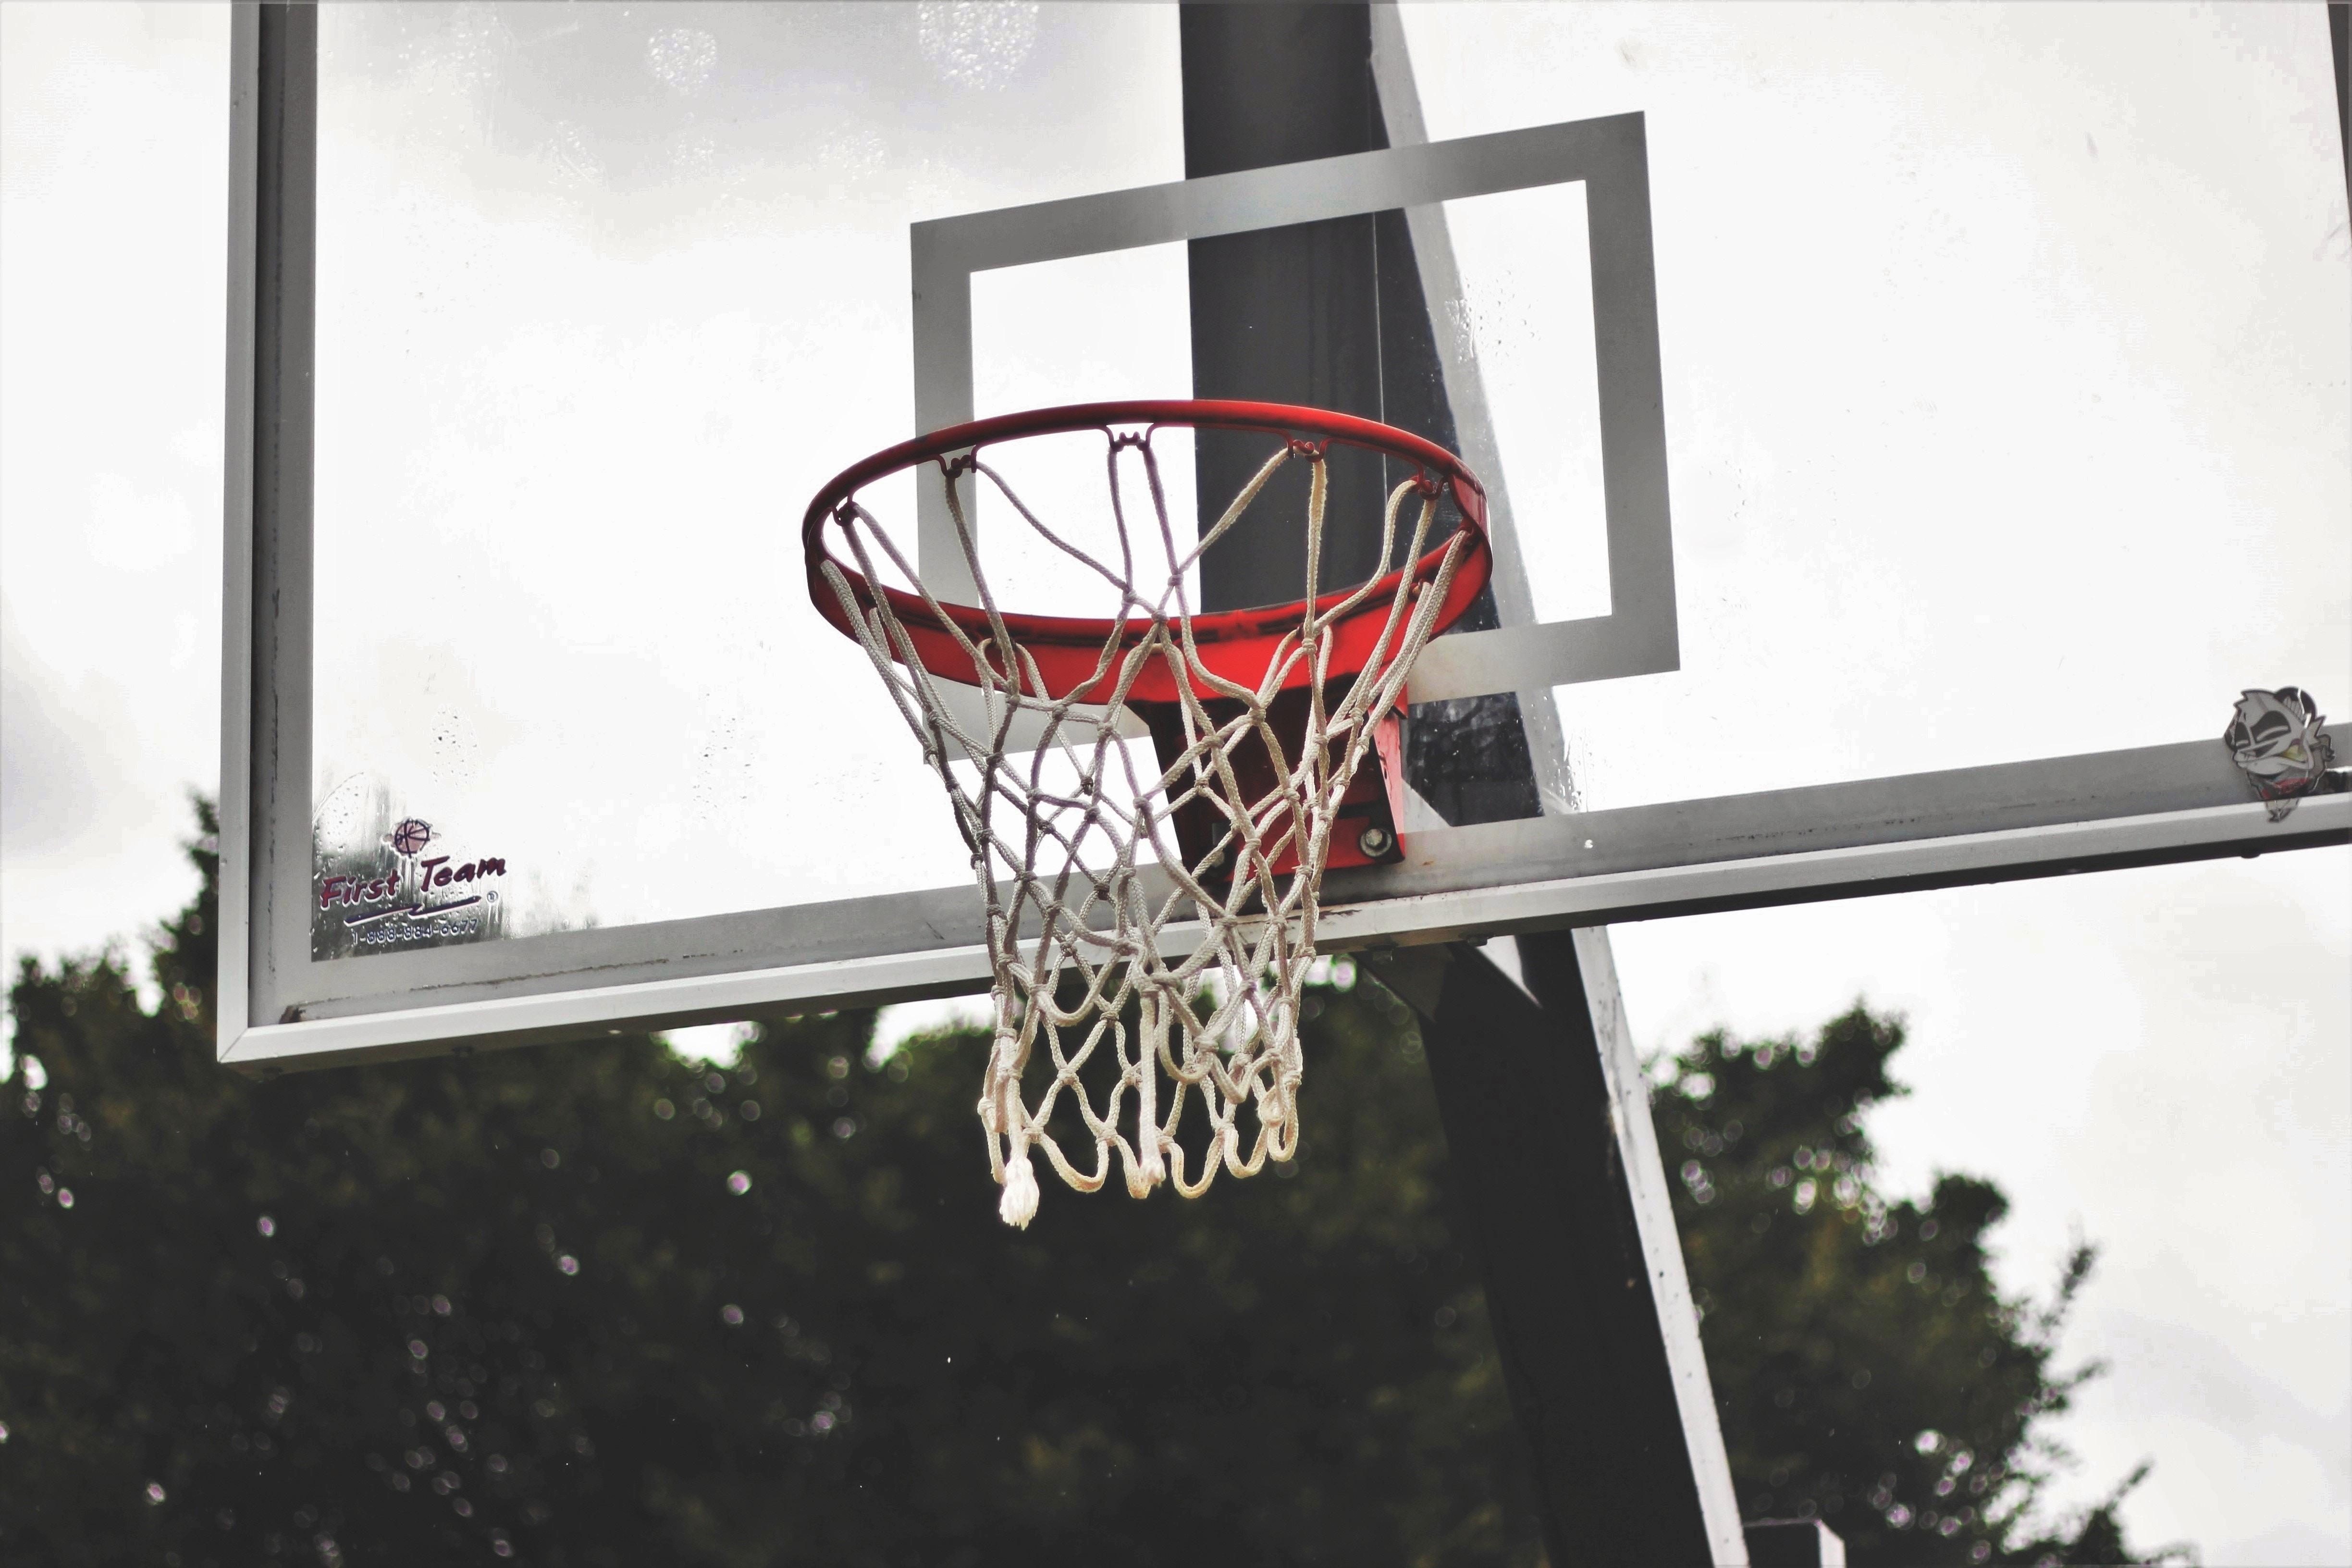 108061 скачать обои Спорт, Баскетбольный Щит, Баскетбол, Сетка - заставки и картинки бесплатно